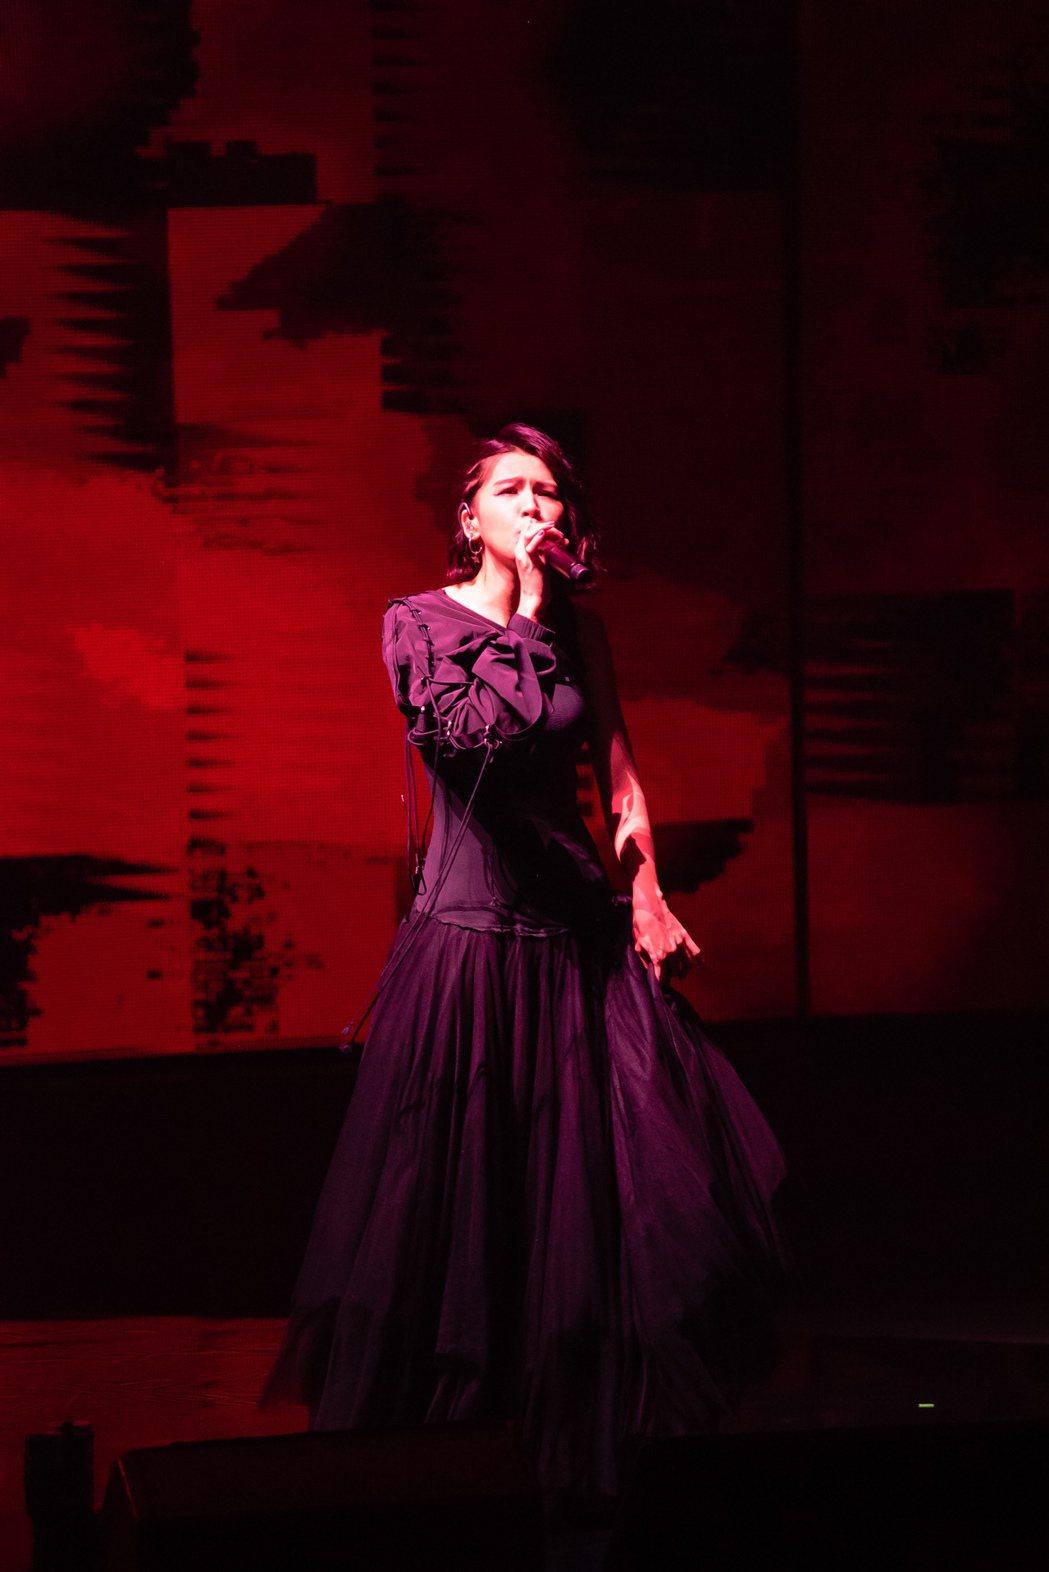 曾沛慈今晚舉辦首場大型個唱「謎之音」。圖/寬宏提供